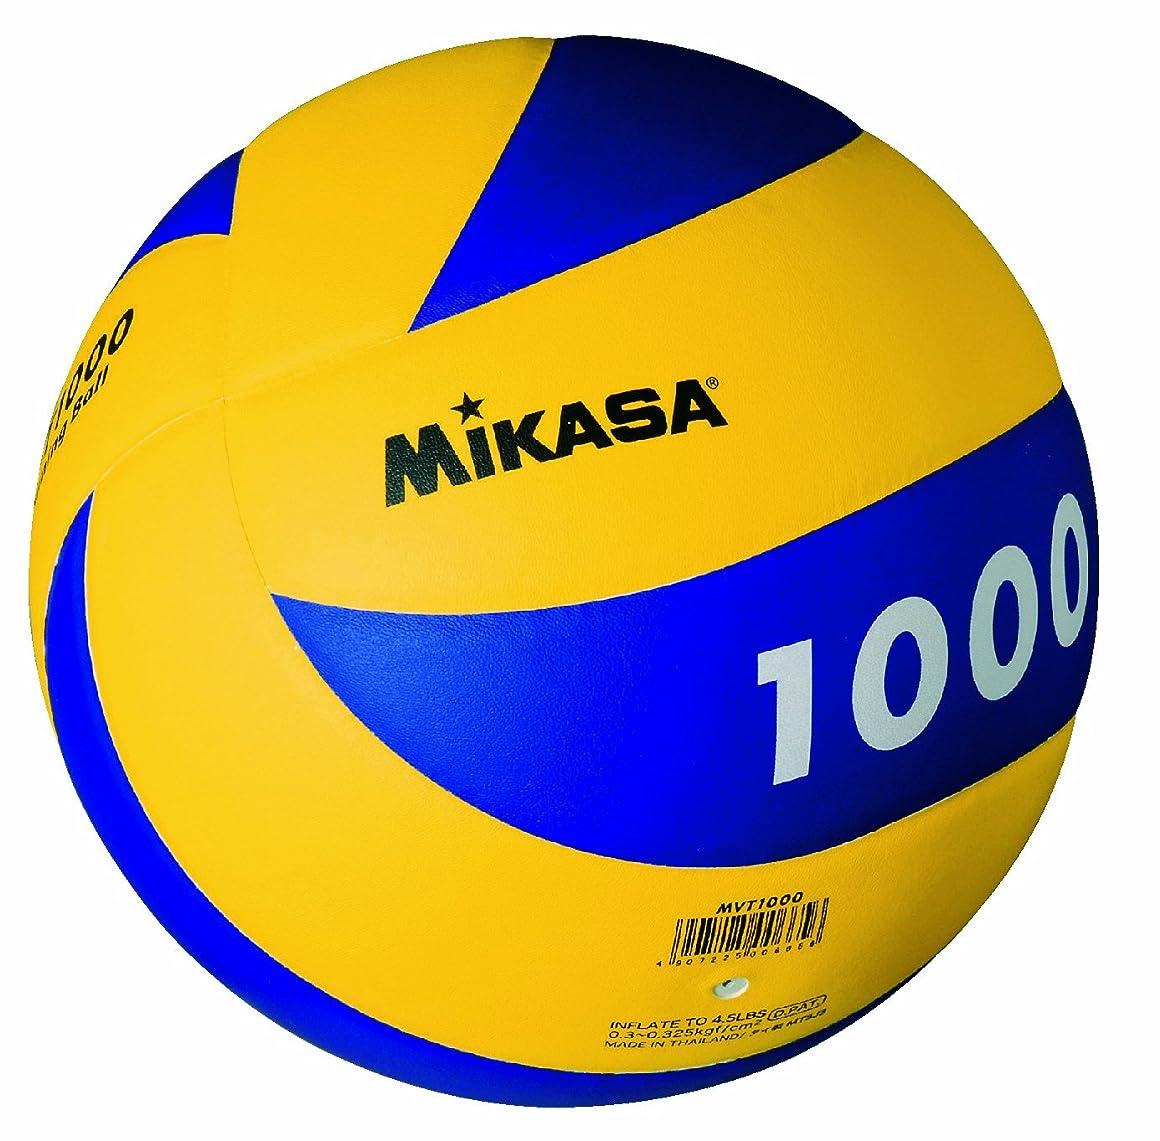 ジョージスティーブンソン変成器お金ミカサ バレーボール トレーニングボール5号 1000g 一般/大学/高校用 MVT1000